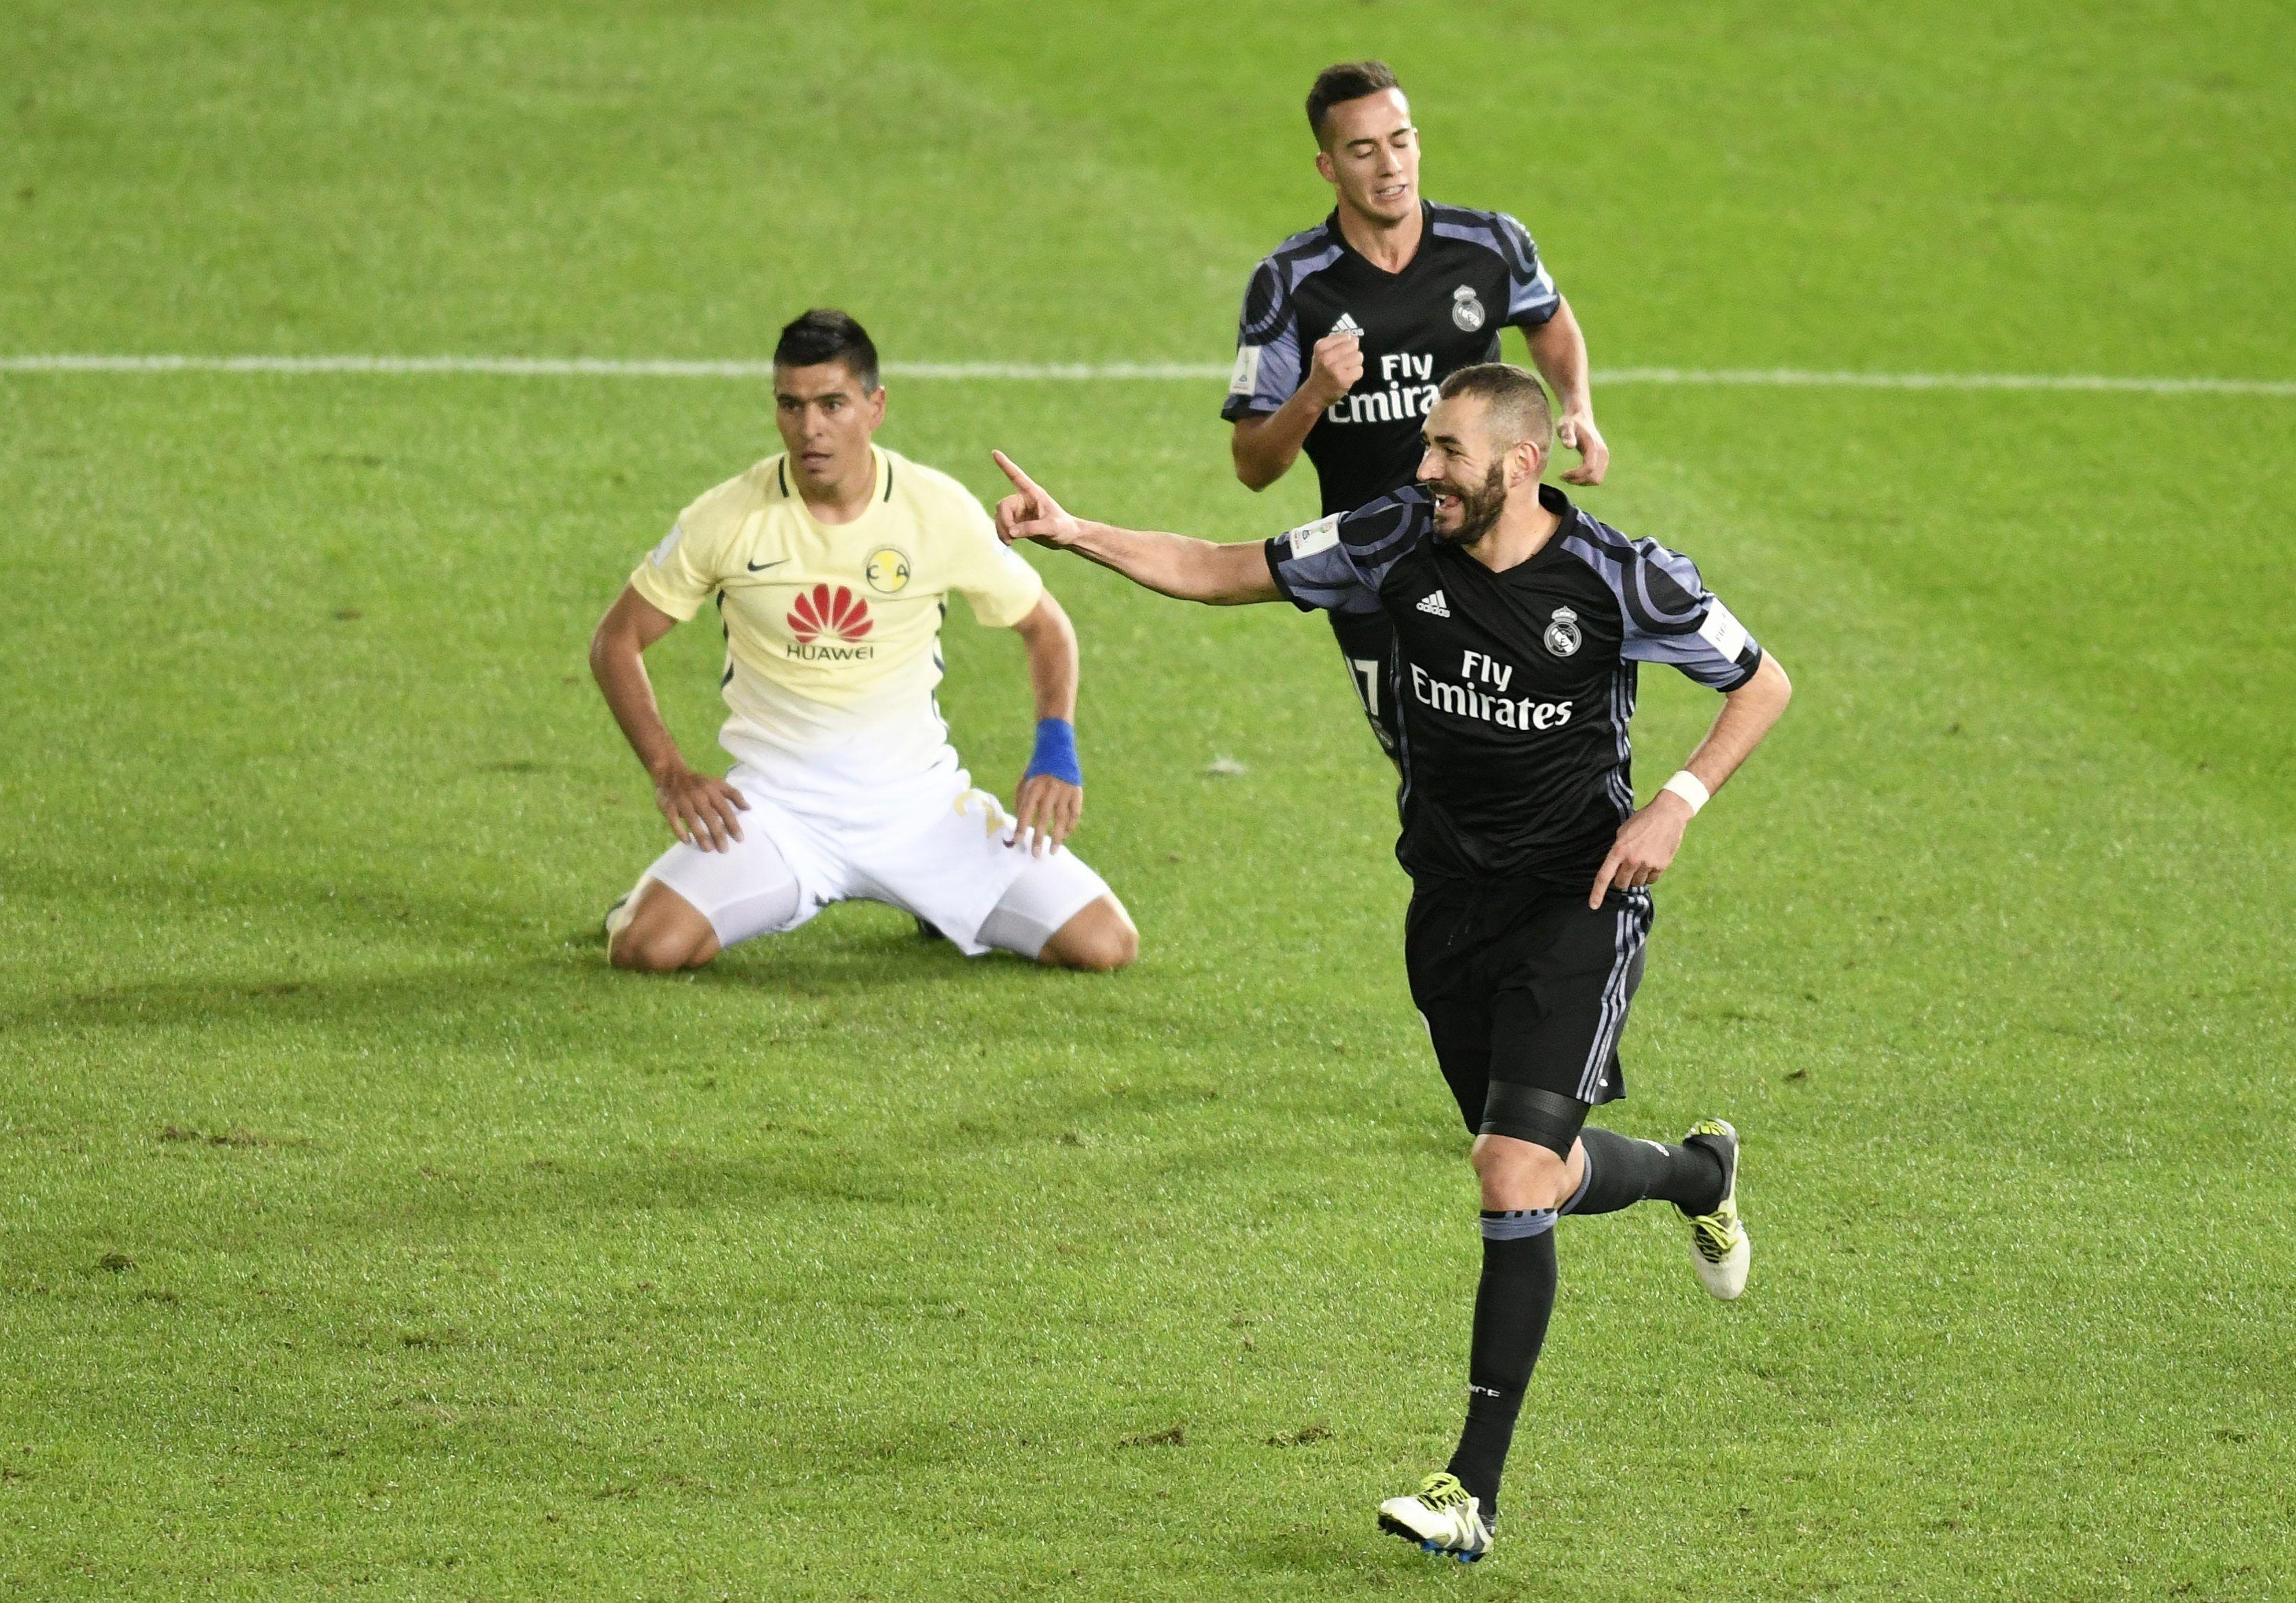 El francés Benzemá será la carta de gol del Merengue